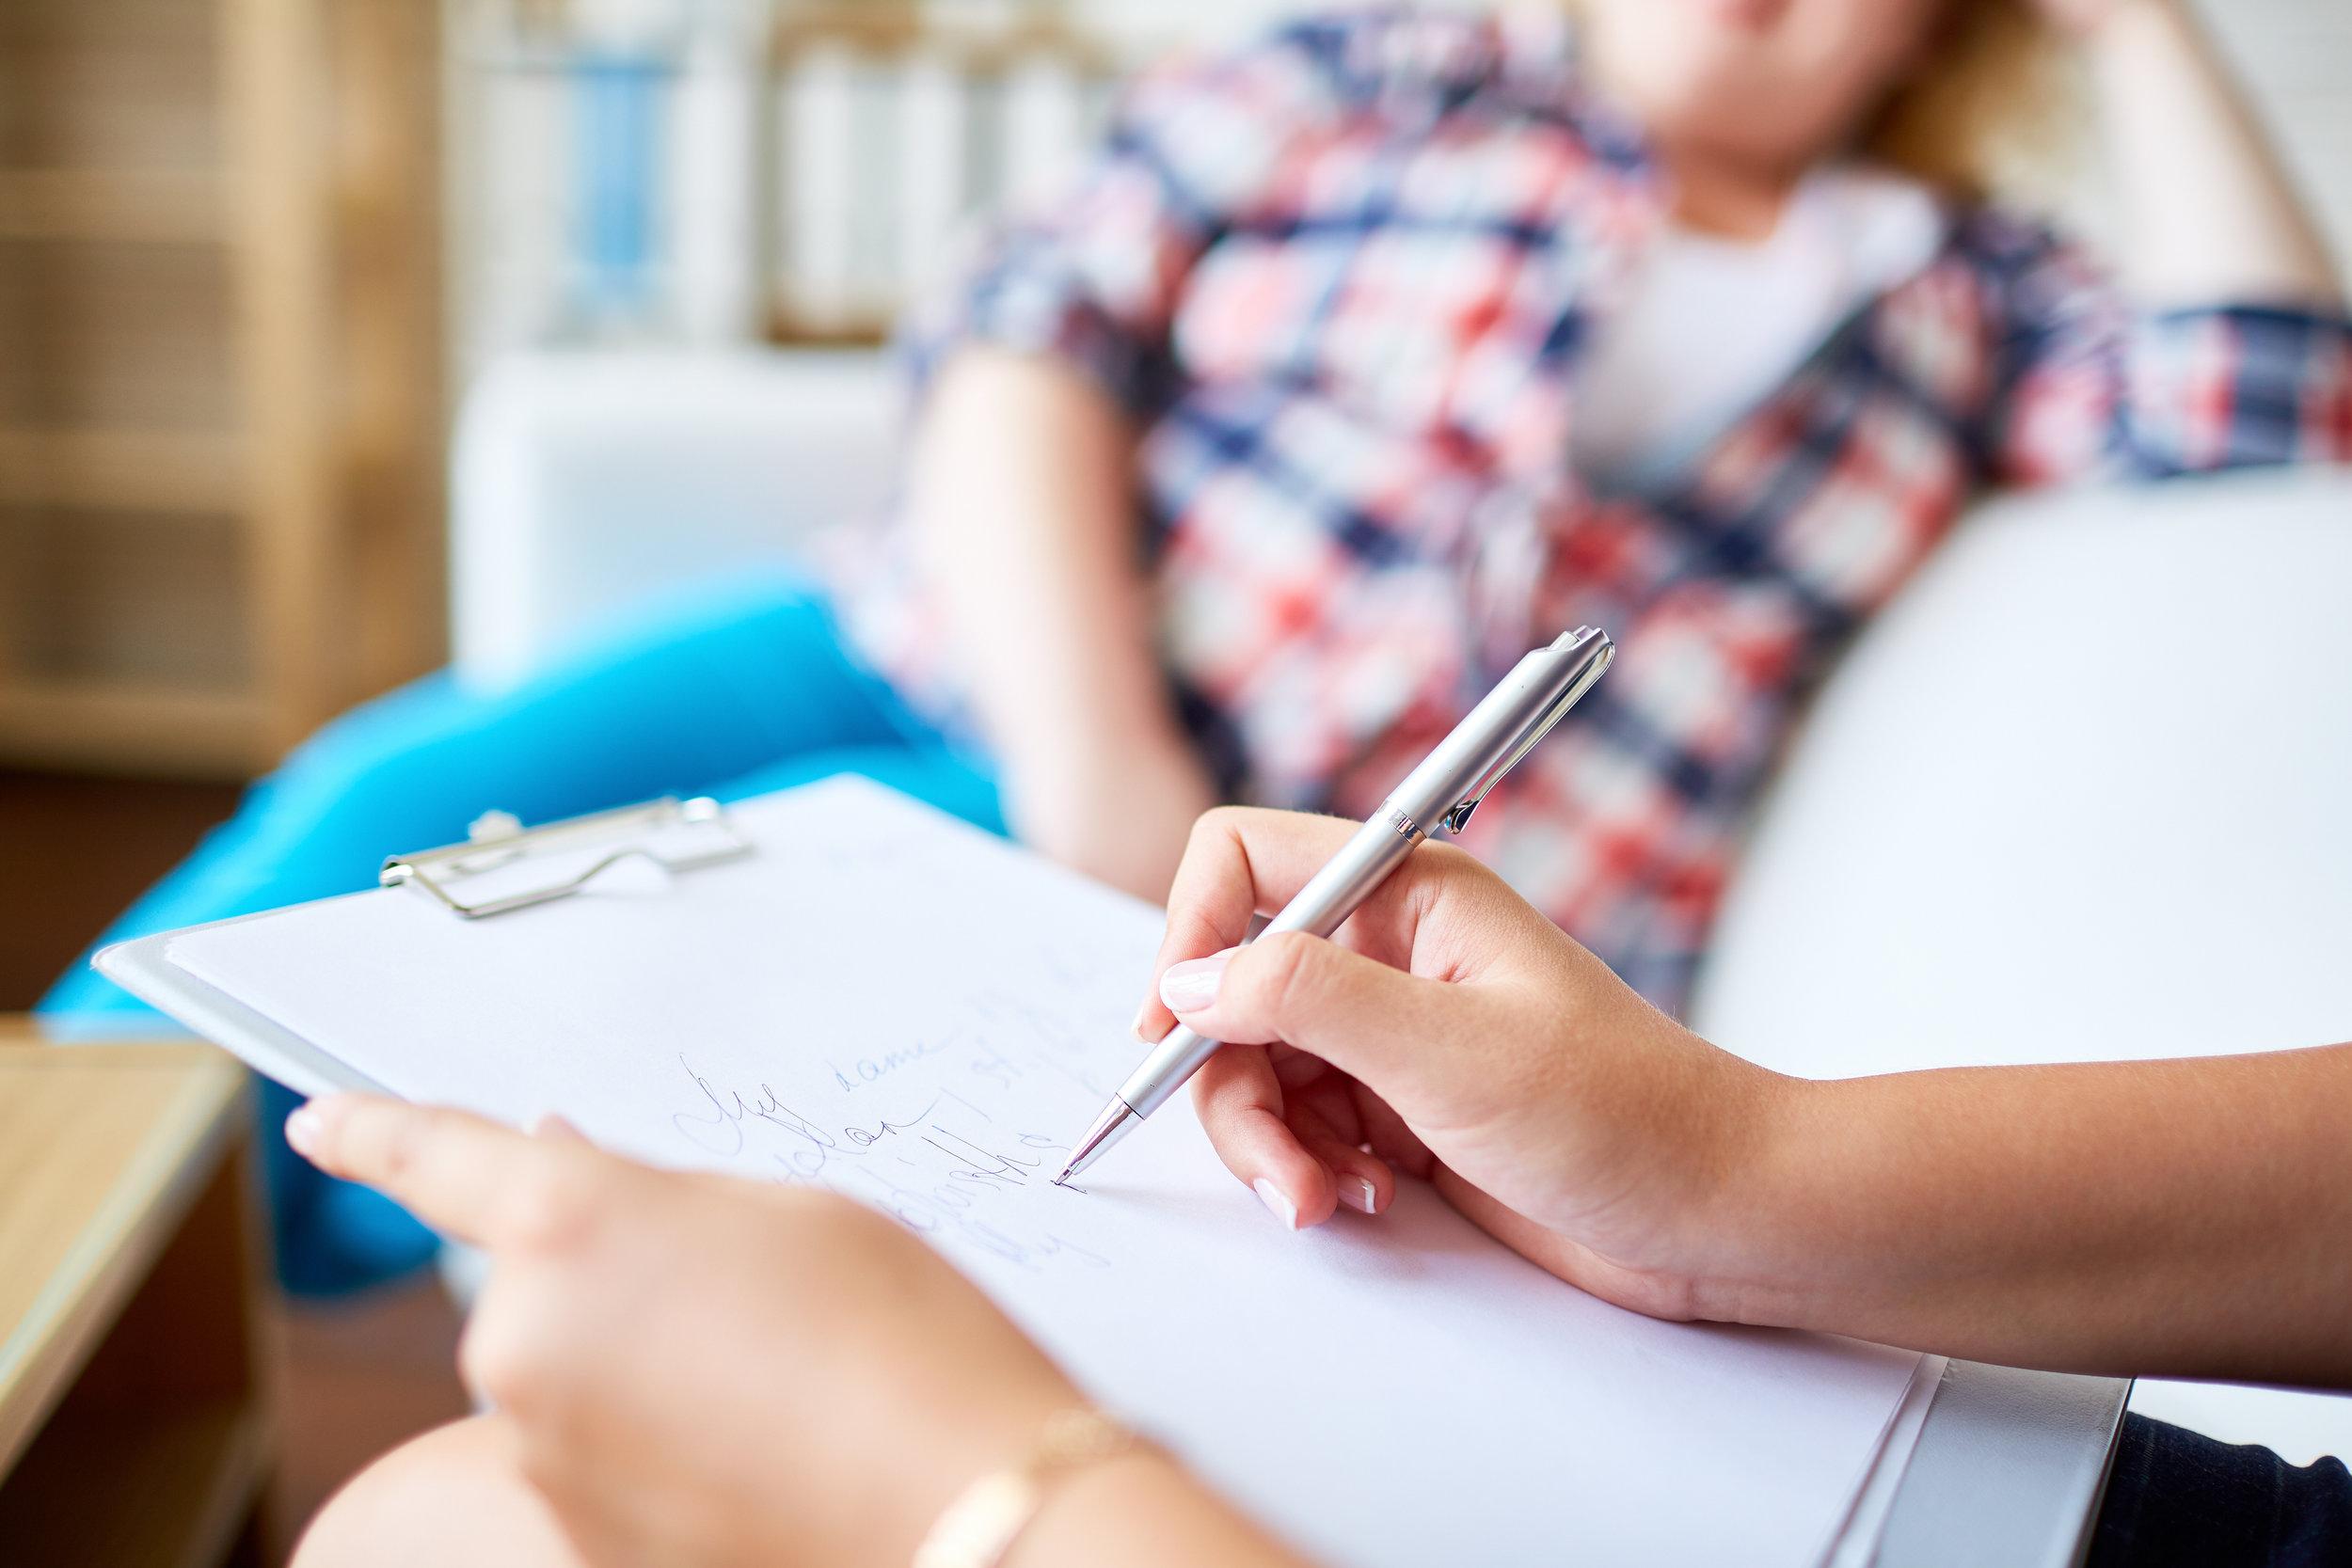 Psychologue-témoignage-réflexion-santé mentale-anxiété-tabou-parlons en-femme-Je suis une maman